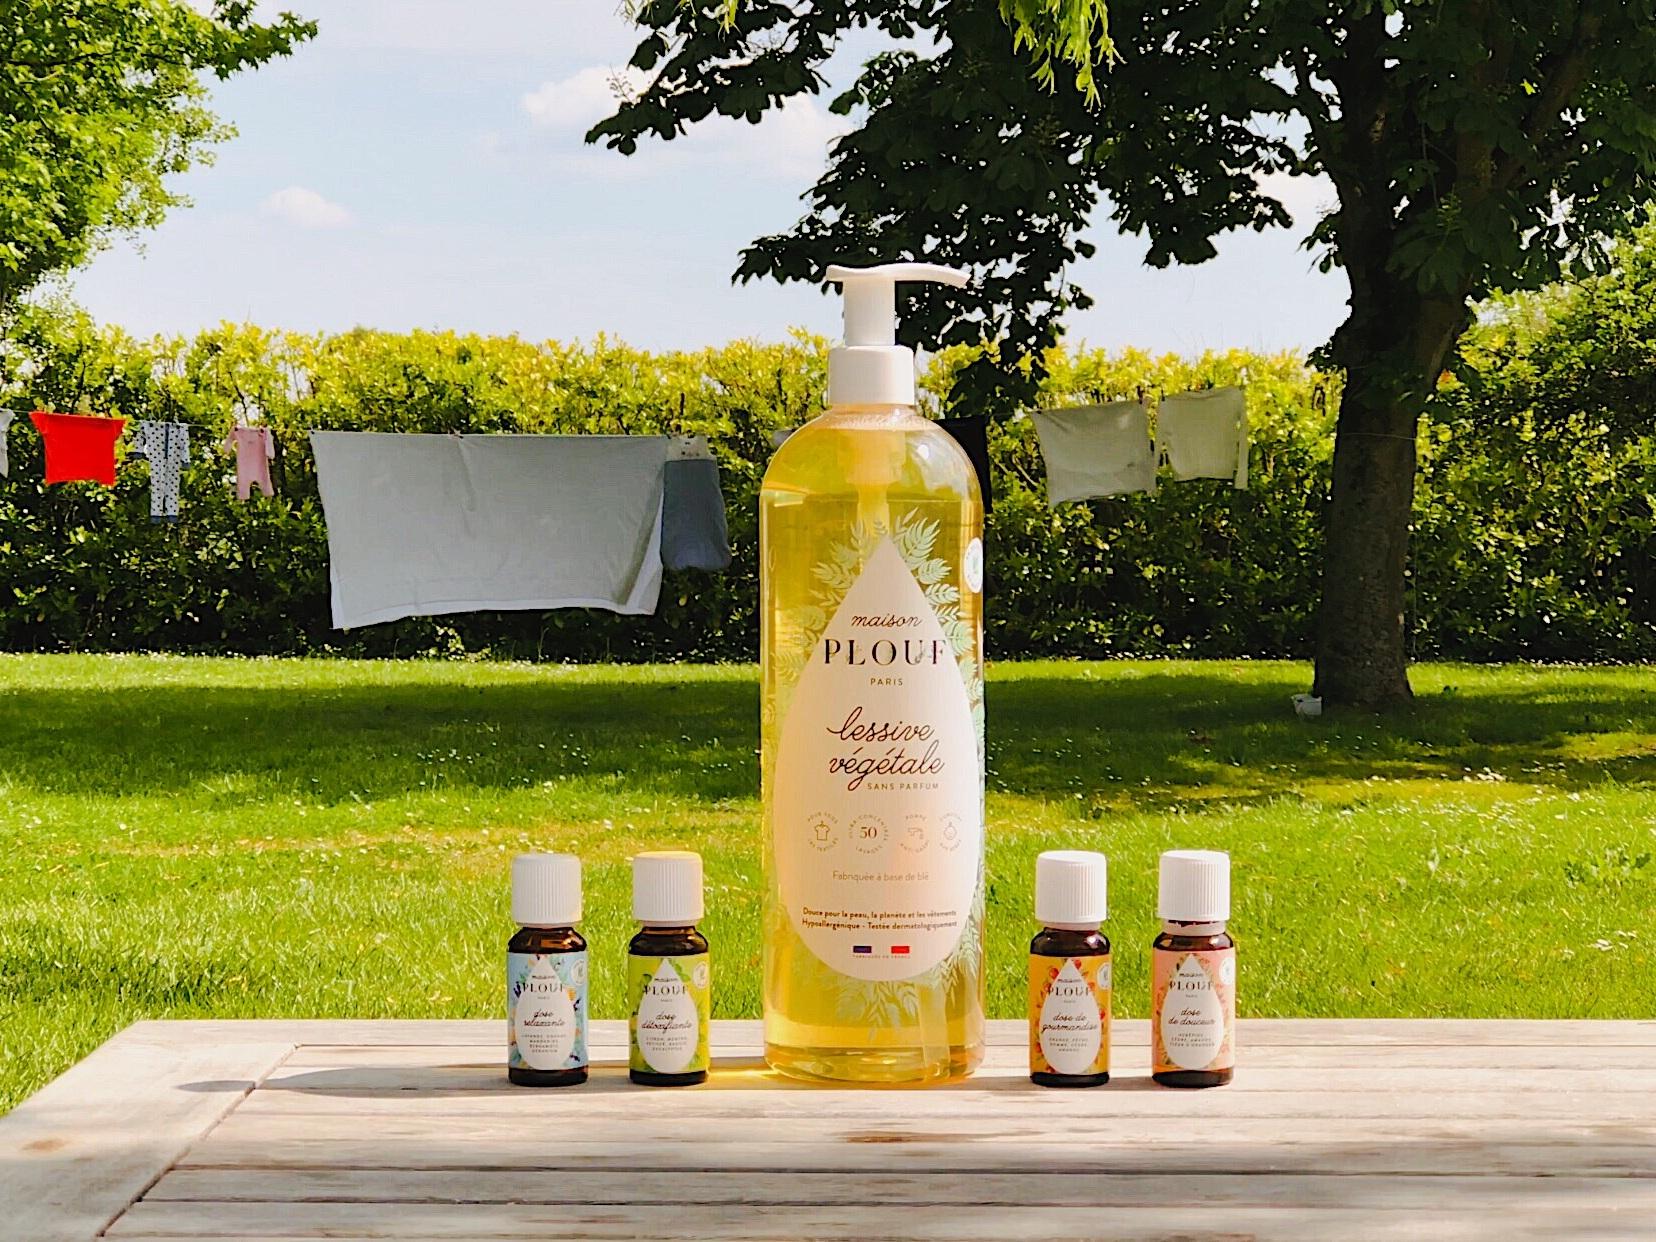 Maison PLOUF - Une lessive transparente et naturelle, à personnaliser avec des parfums tout aussi naturels. →